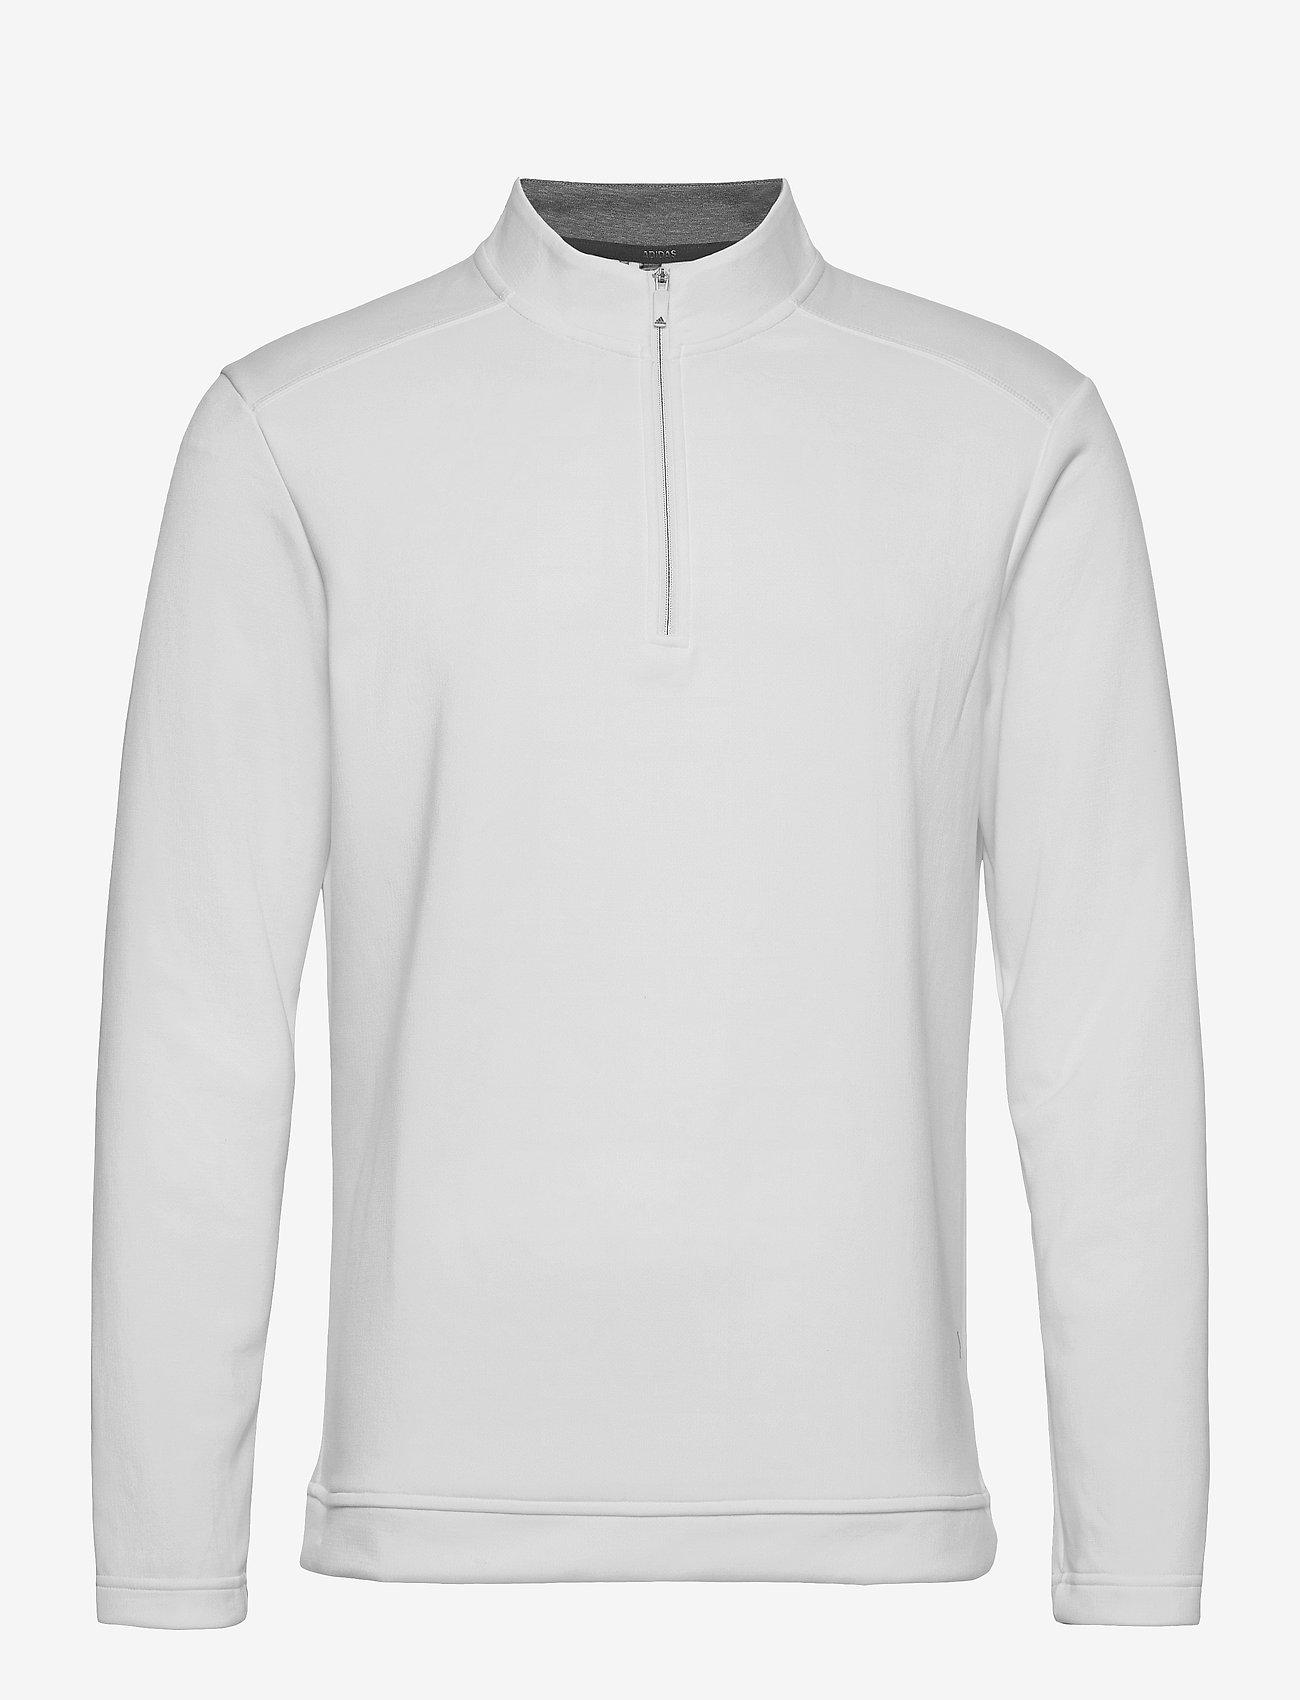 adidas Golf - CLUB 1/4 ZIP - hauts à manches longues - white - 1